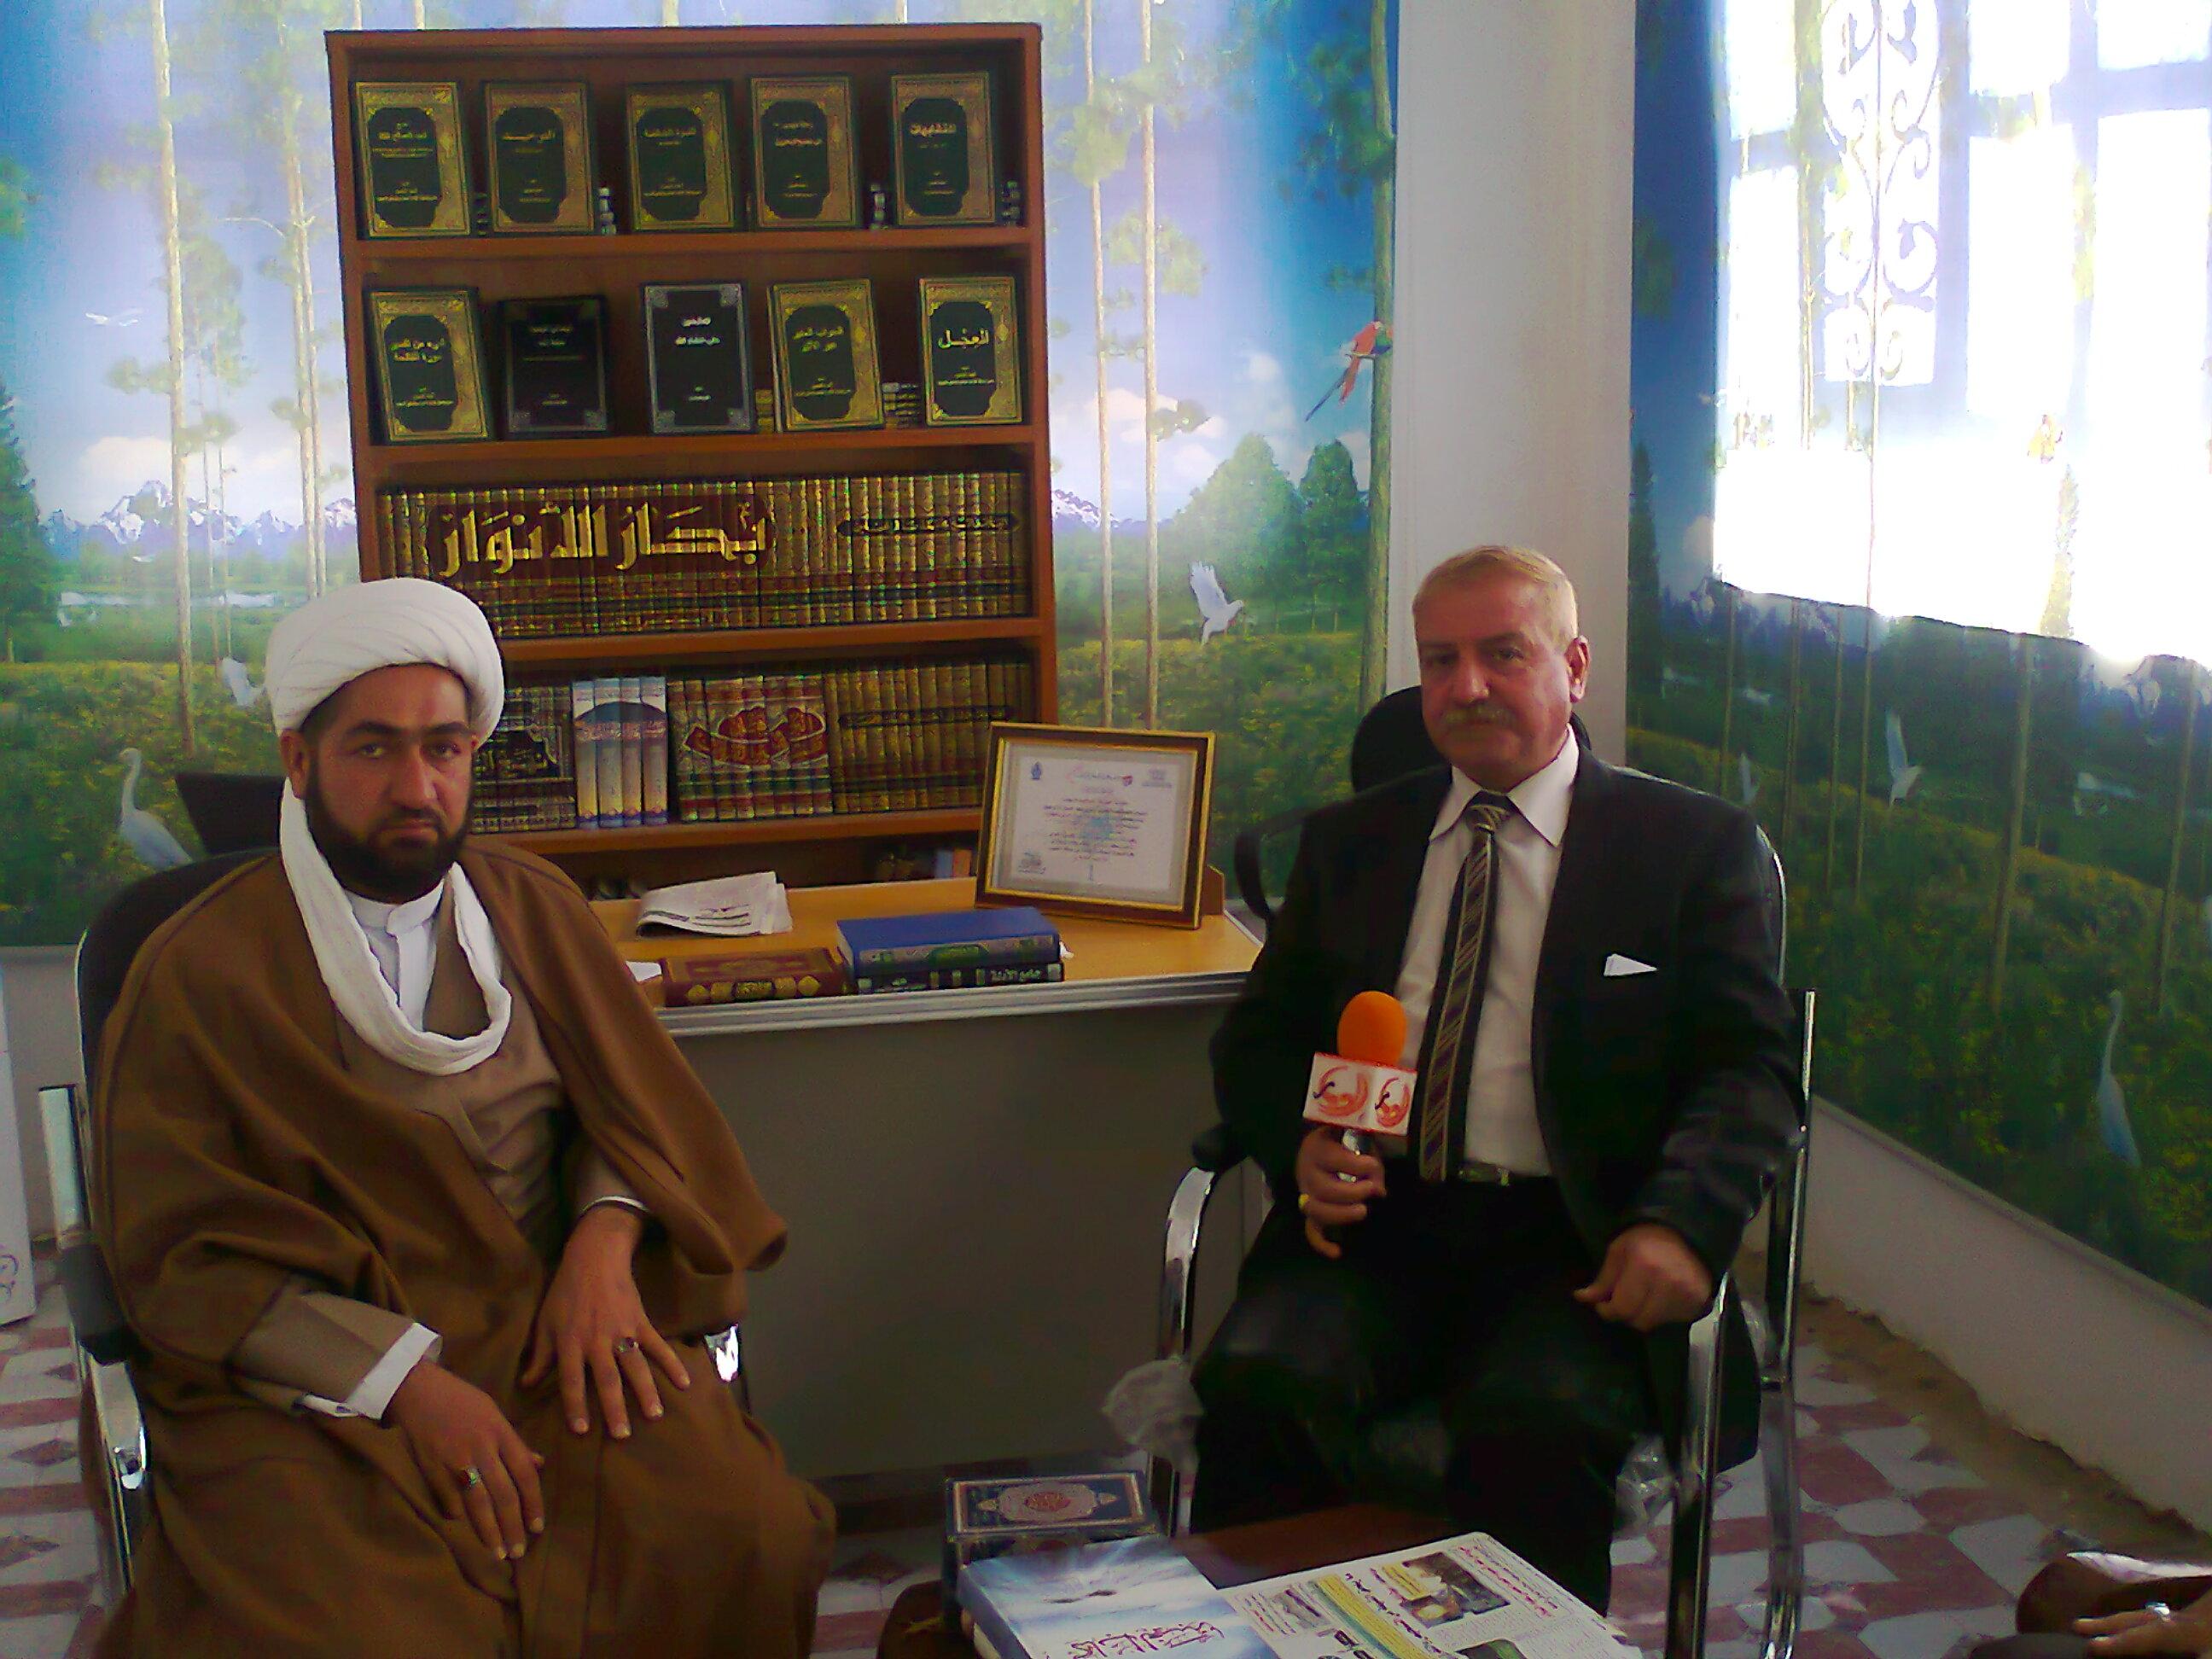 الأستاذ فلاح العزاوي يجري لقاءاً مع الشيخ عارف الحلي مدير مكتب صحيفة الصراط المستقيم /فرع الحلة